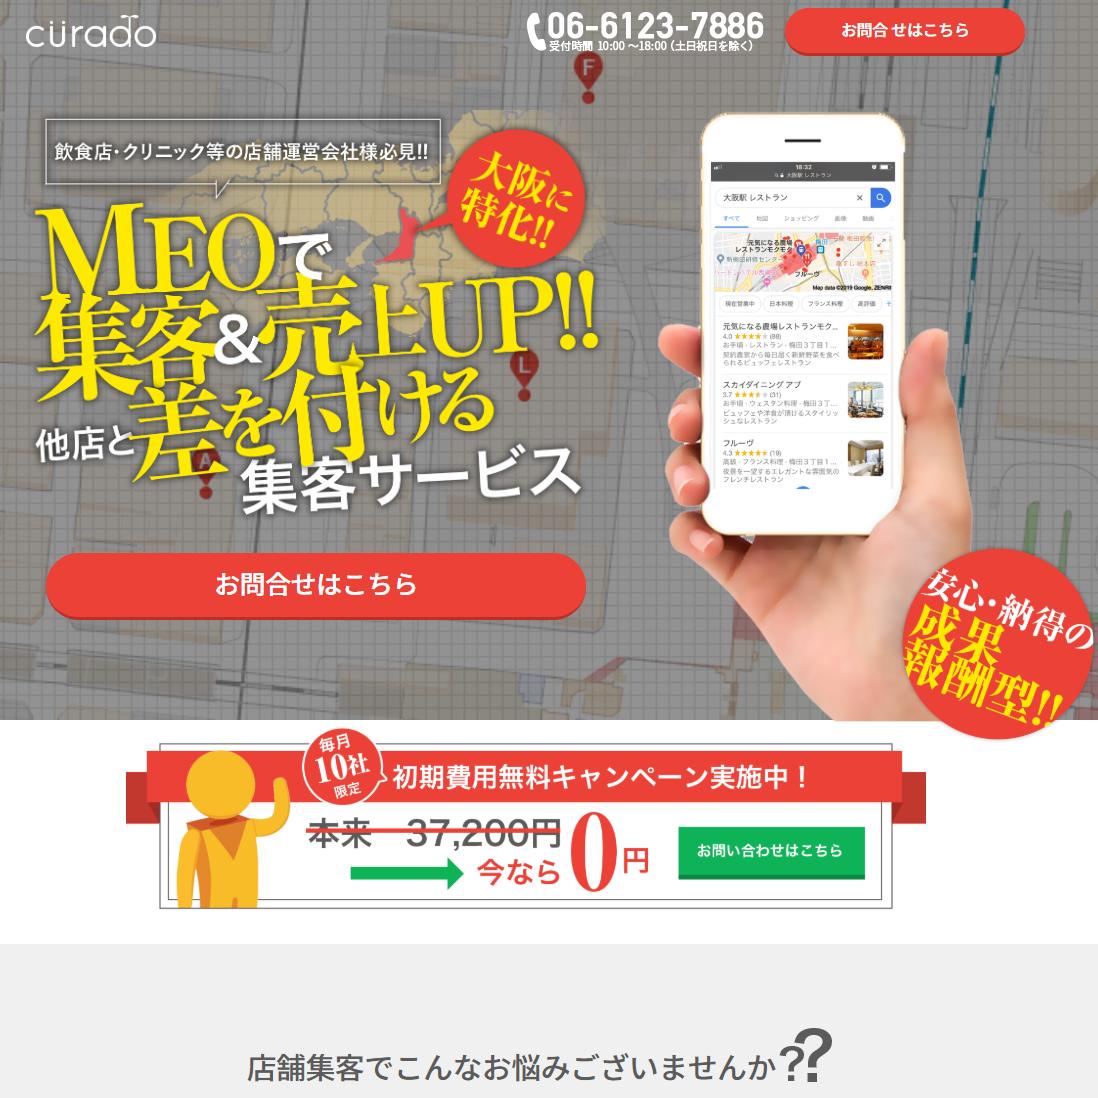 株式会社クレド|大阪中之島